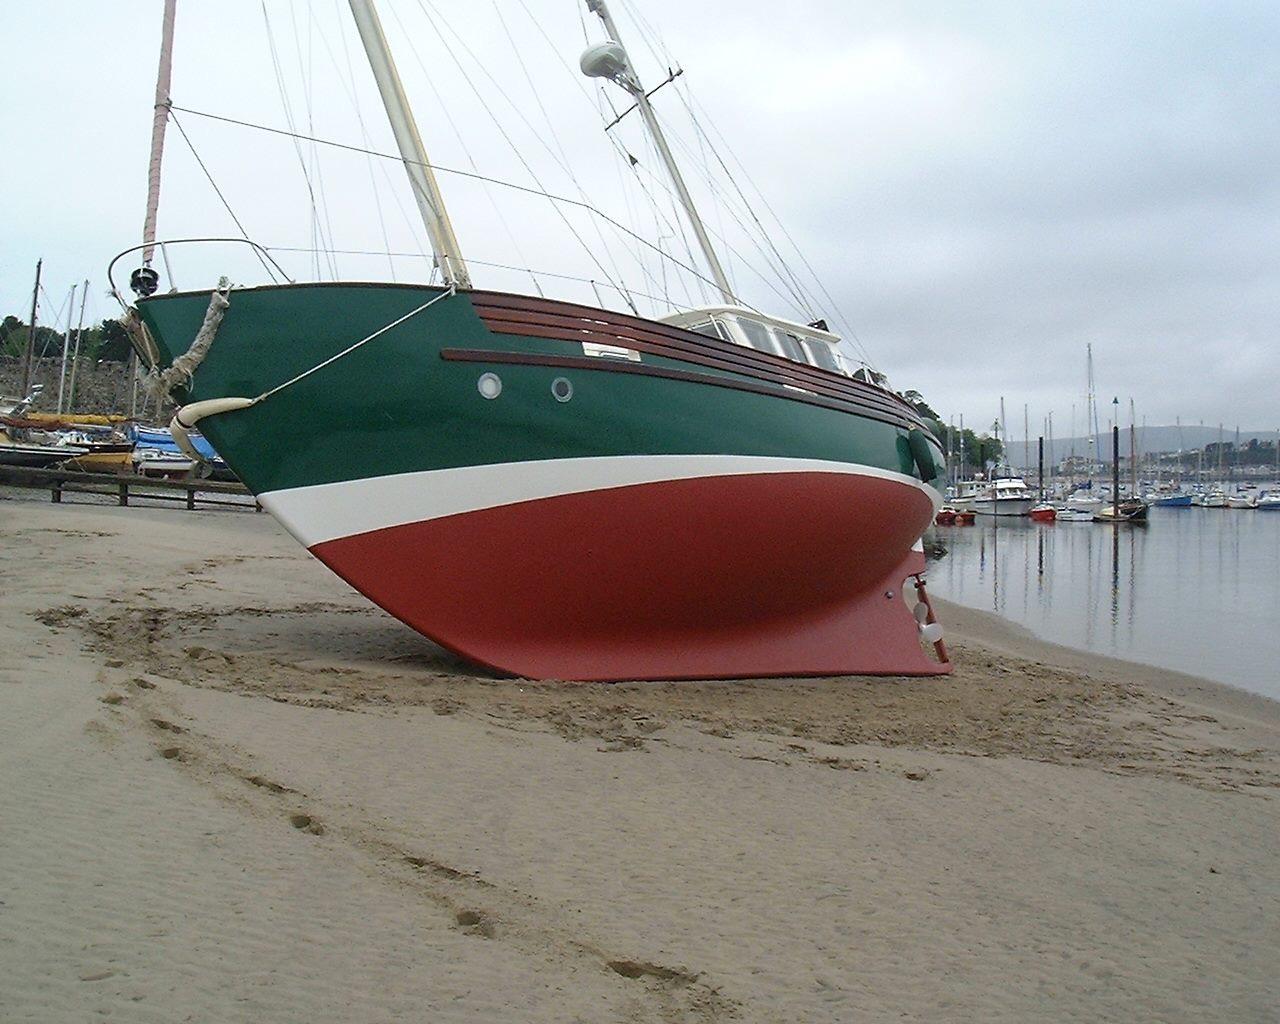 Een Fisher 37 droog gezet op het strand.